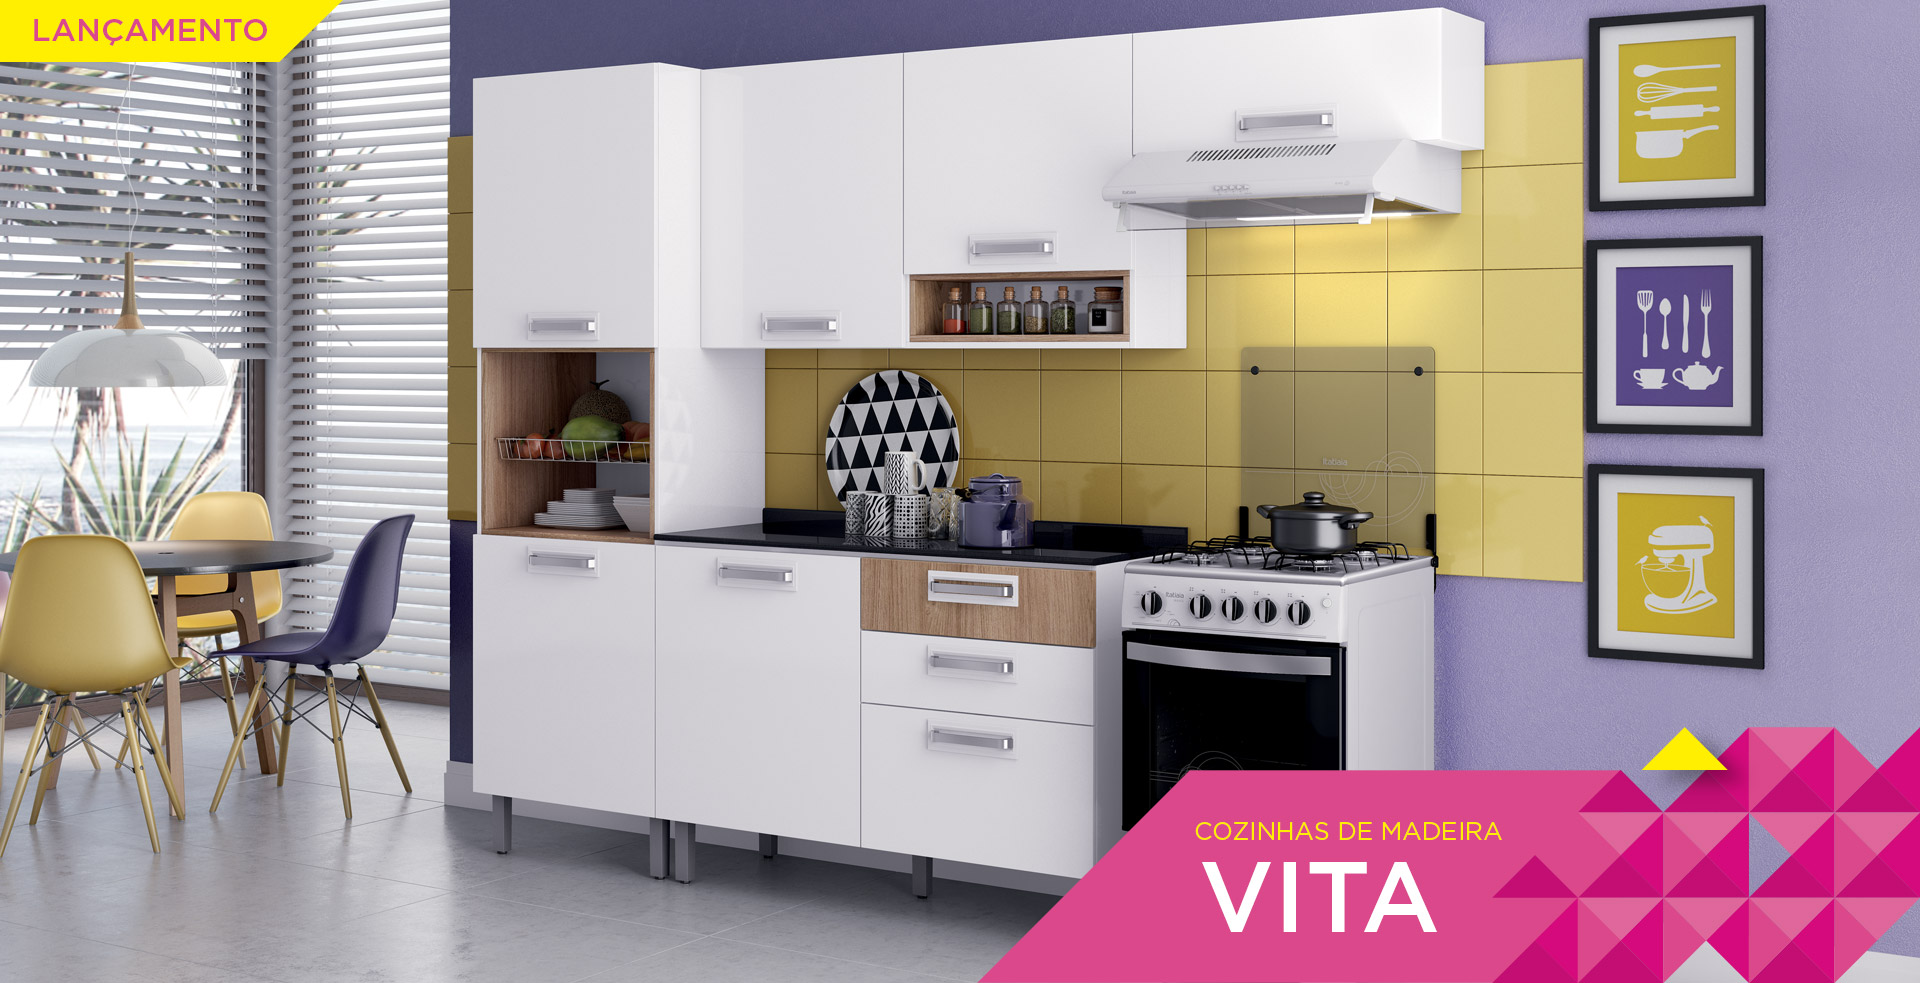 Cozinhas de Madeira Vita | Cozinhas Itatiaia